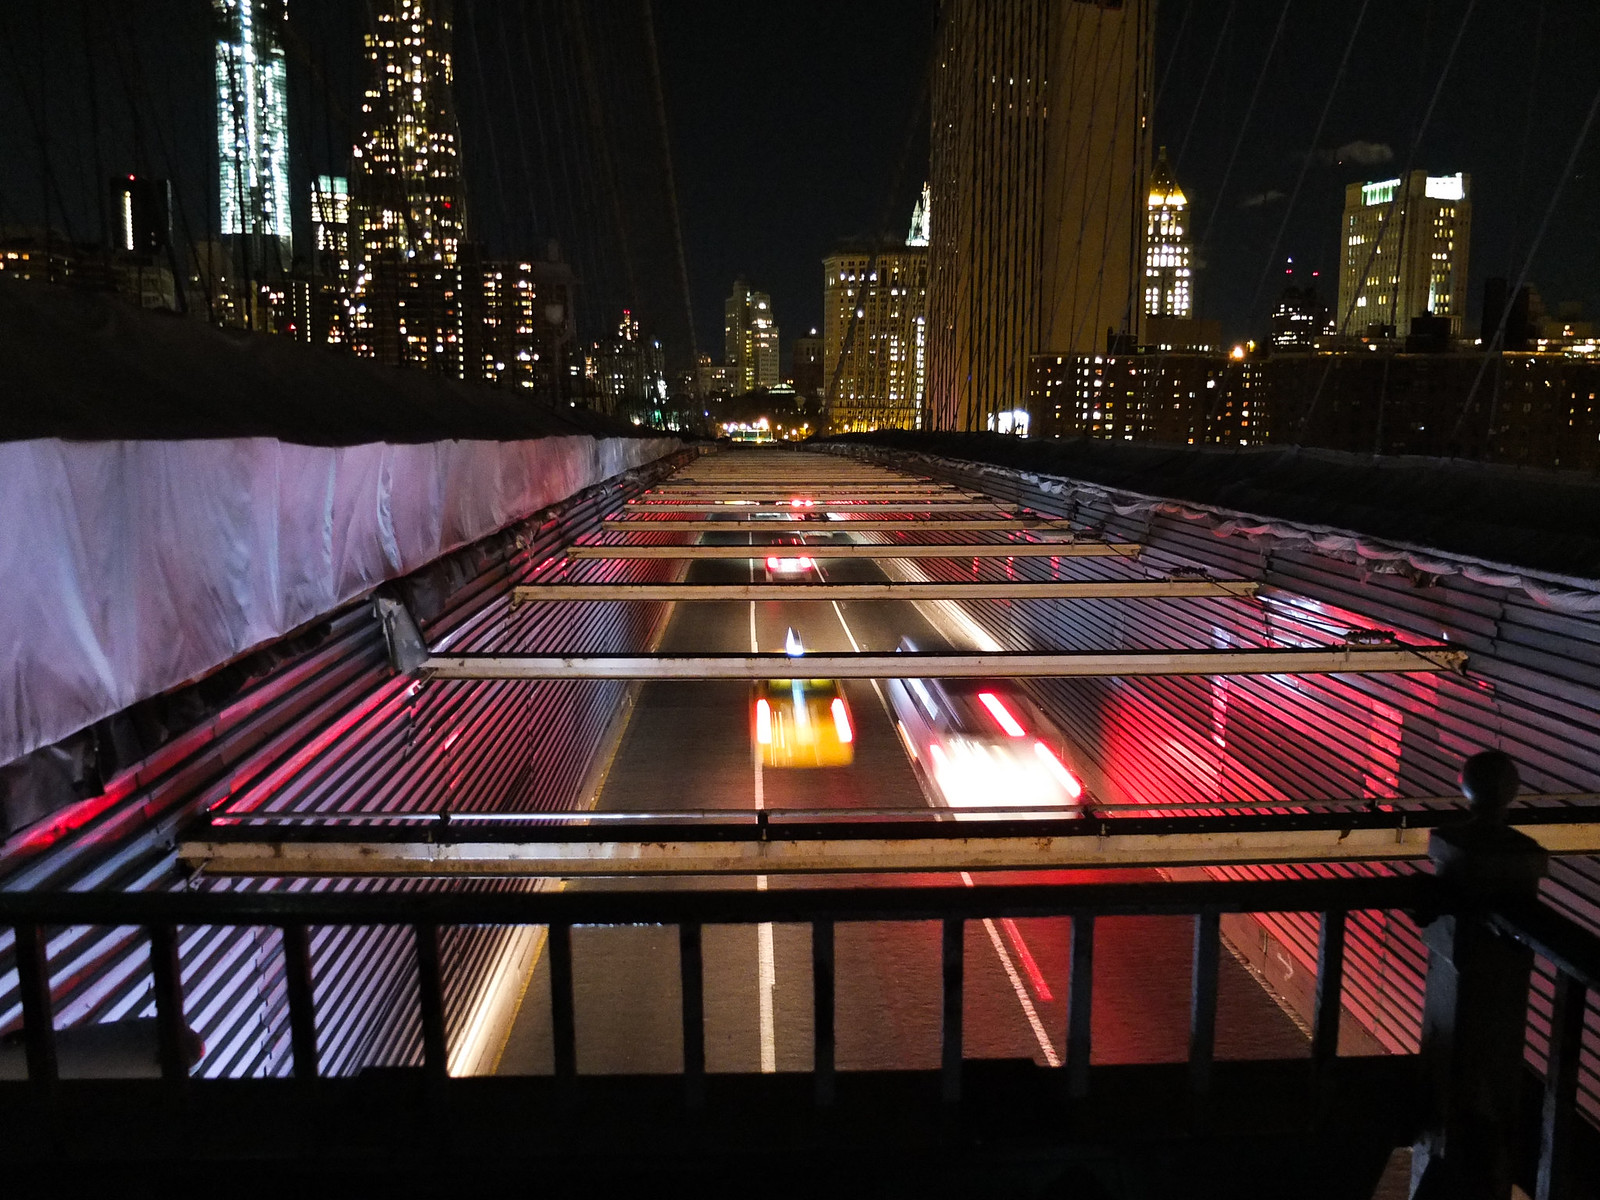 Traffic on the Brooklyn Bridge by wwward0